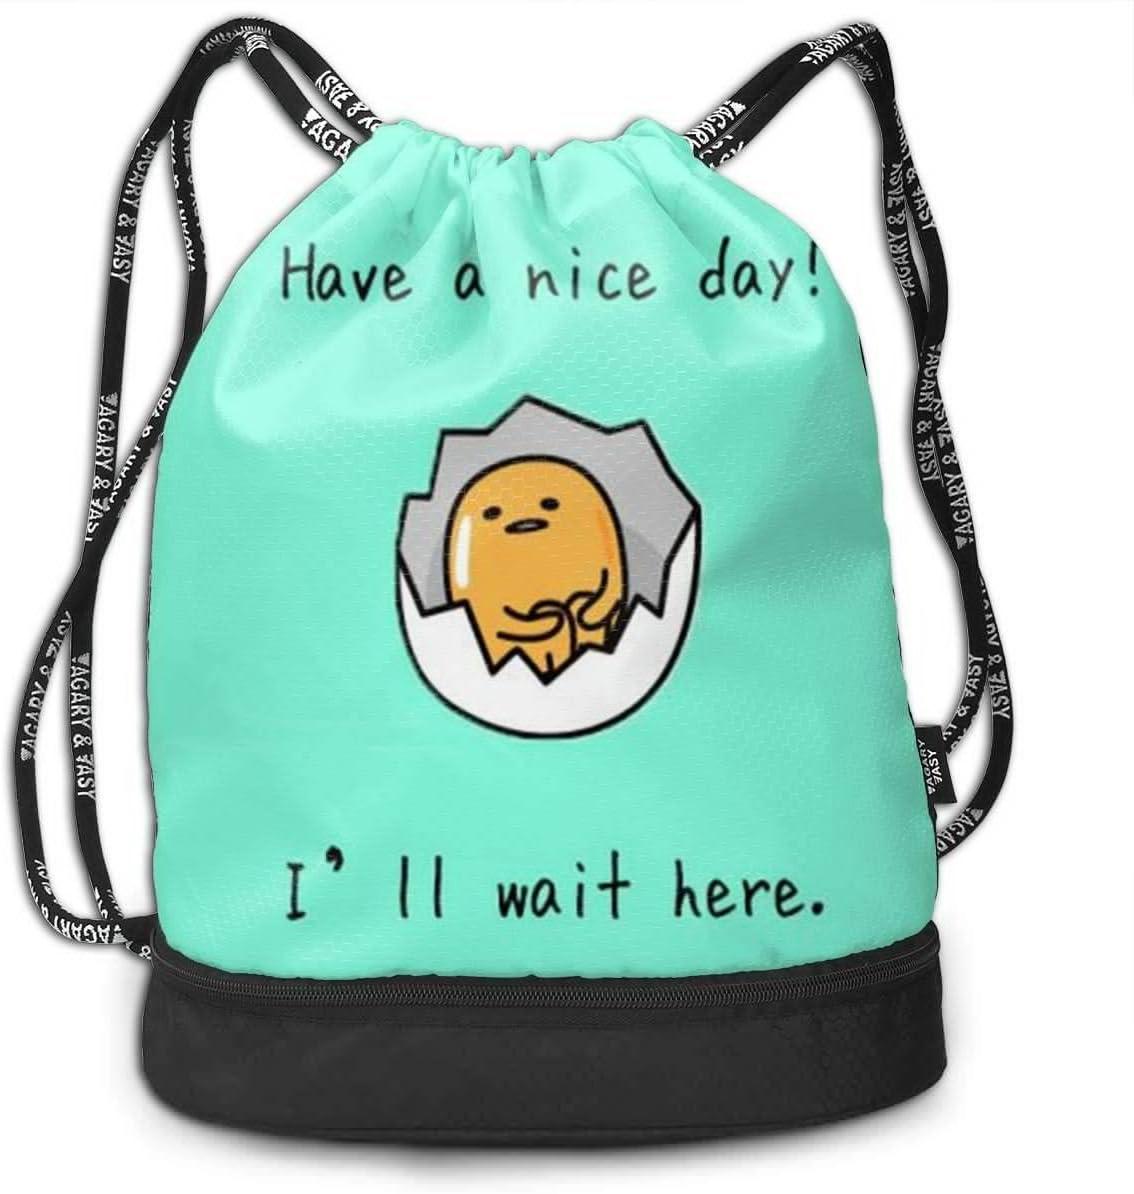 HUOPR5Q Lazy Egg Drawstring Backpack Sport Gym Sack Shoulder Bulk Bag Dance Bag for School Travel